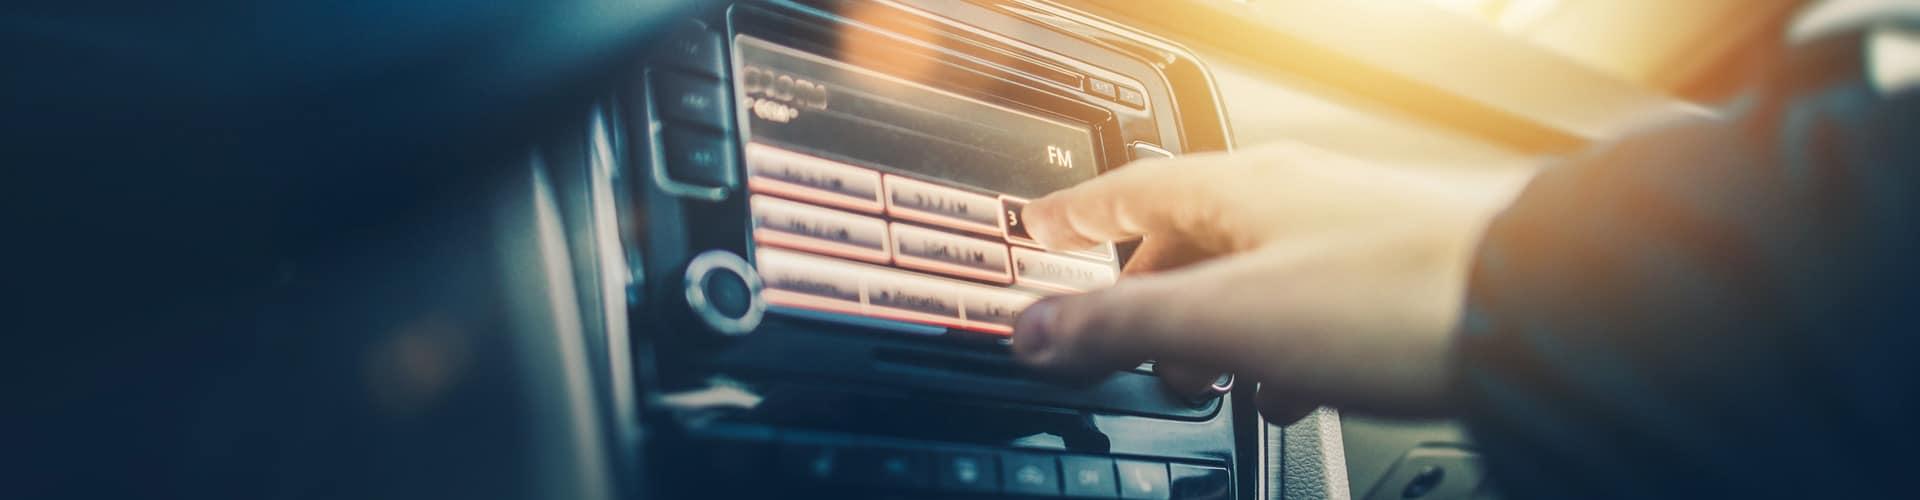 Beispiele für gute Radiowerbung liefert Antonios Bliblios Foto: Shutterstock